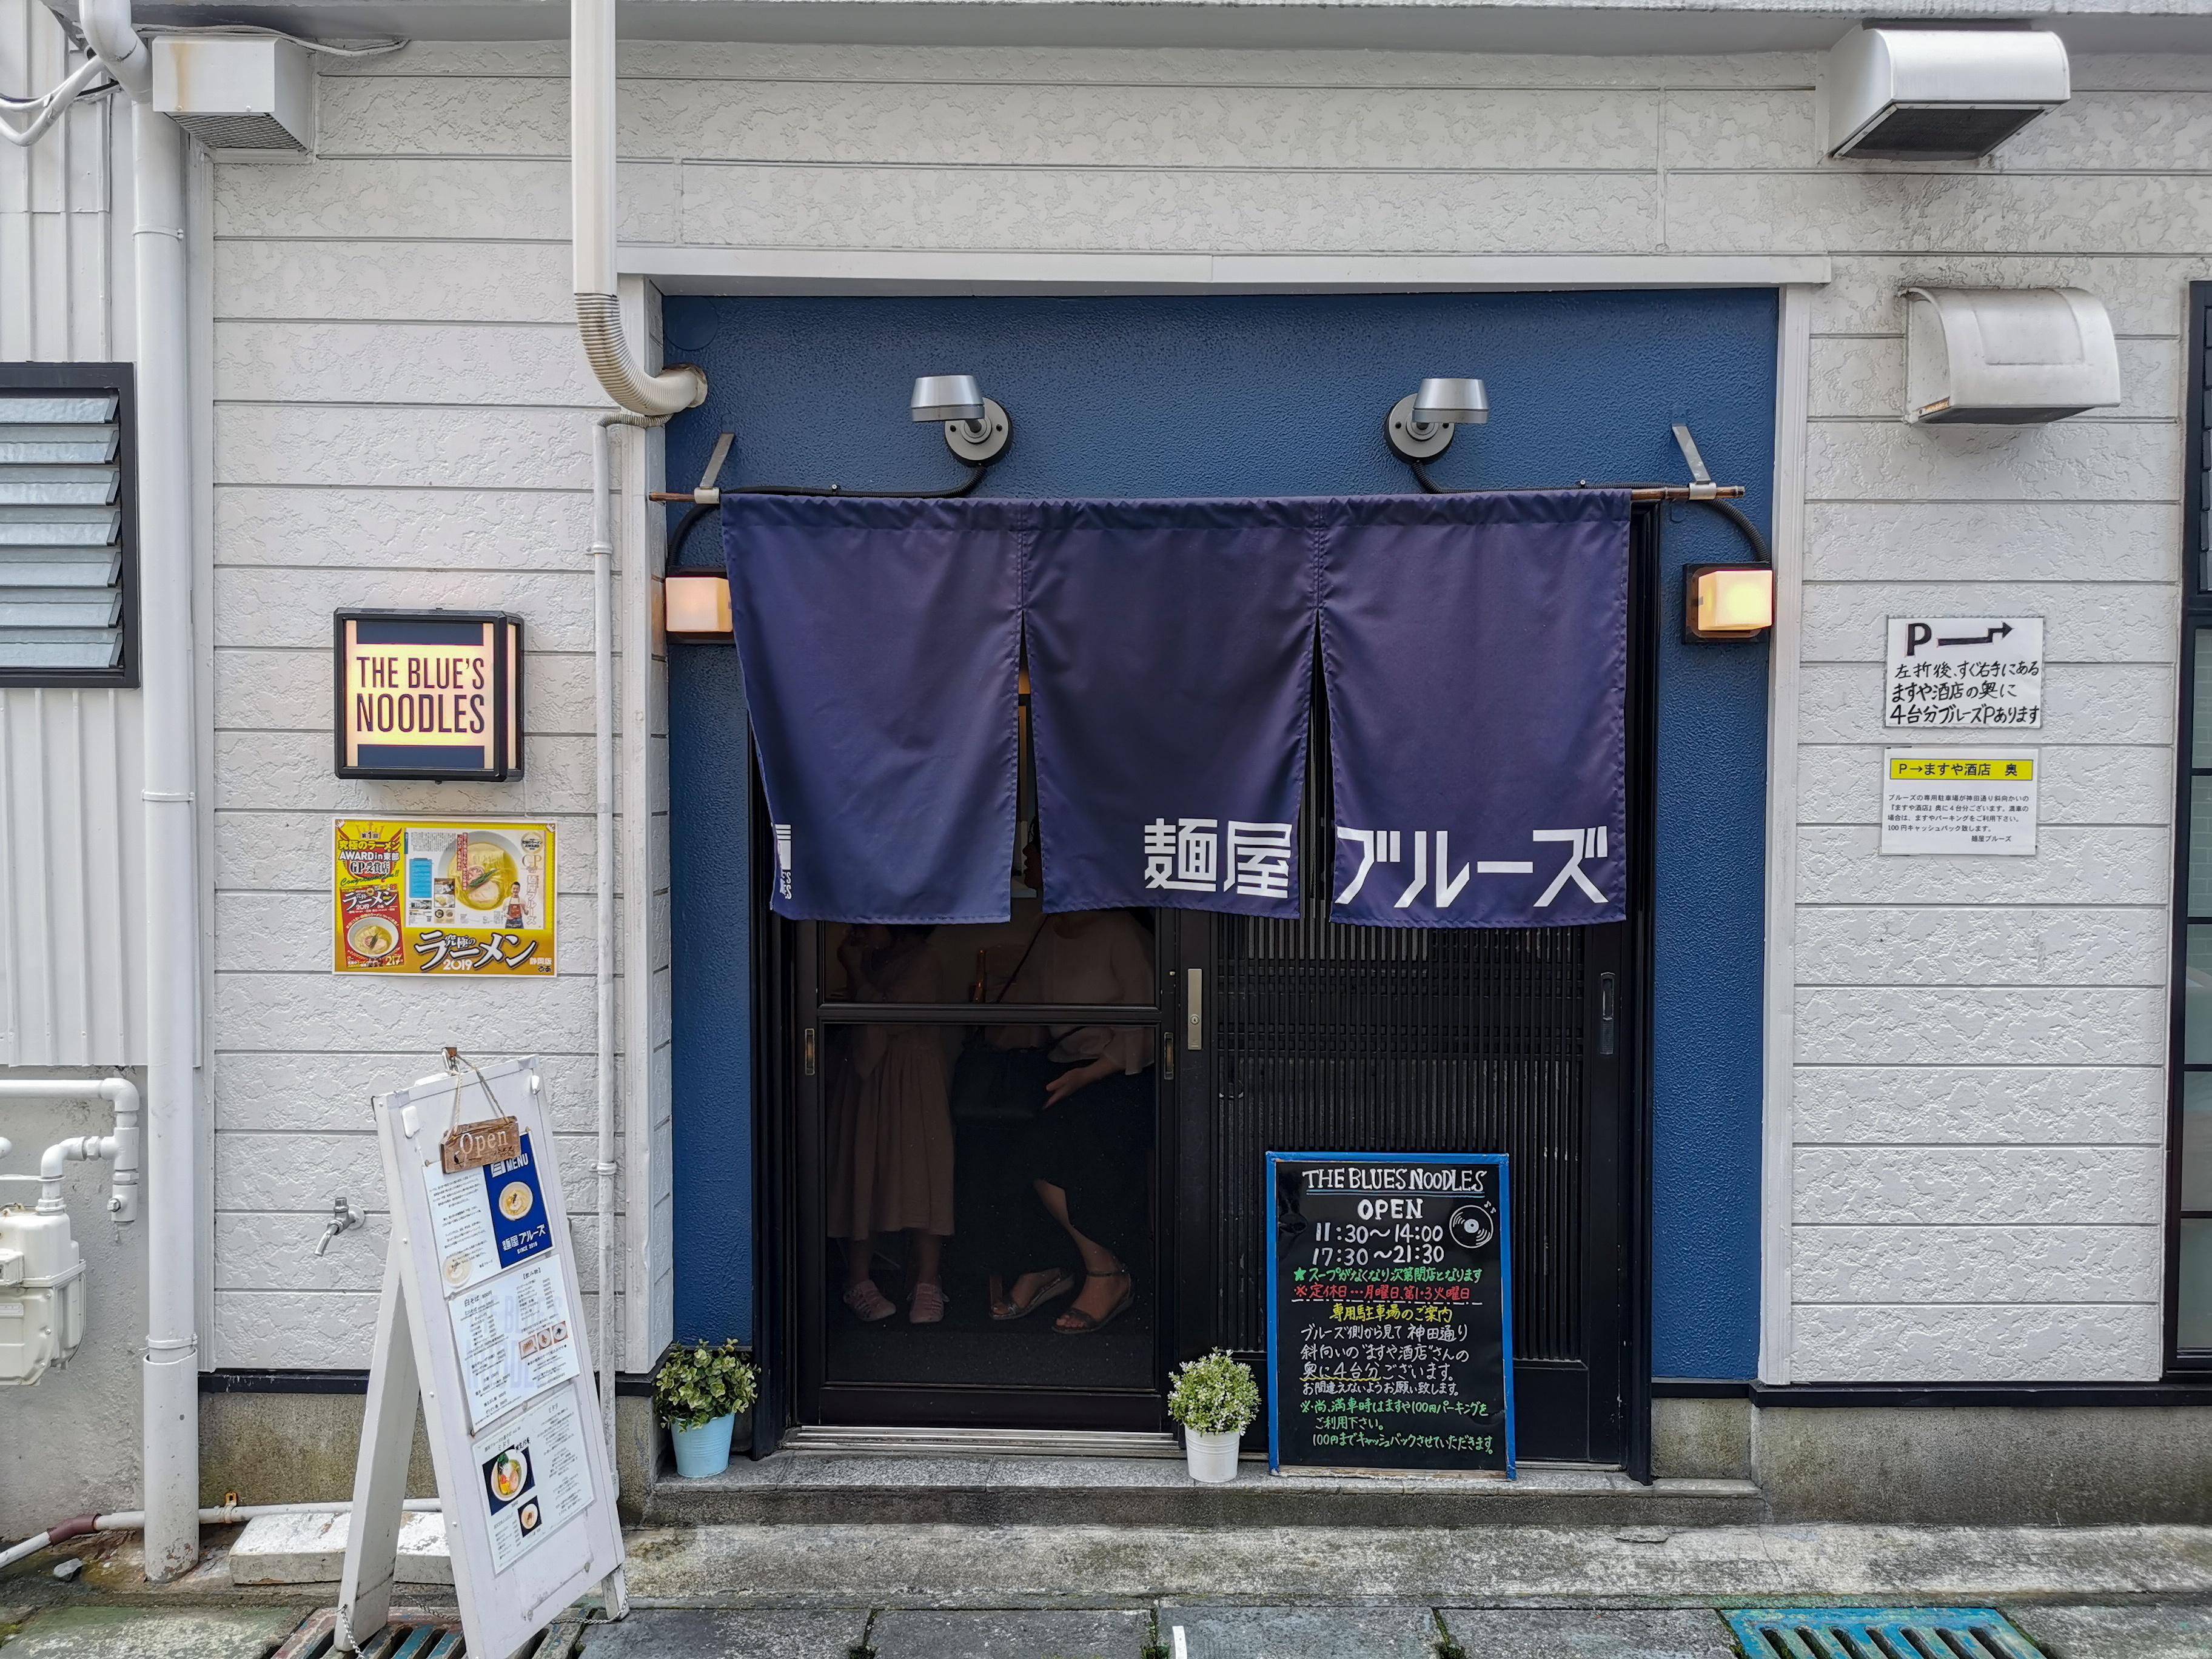 The Blue's Noodles Main Entrance